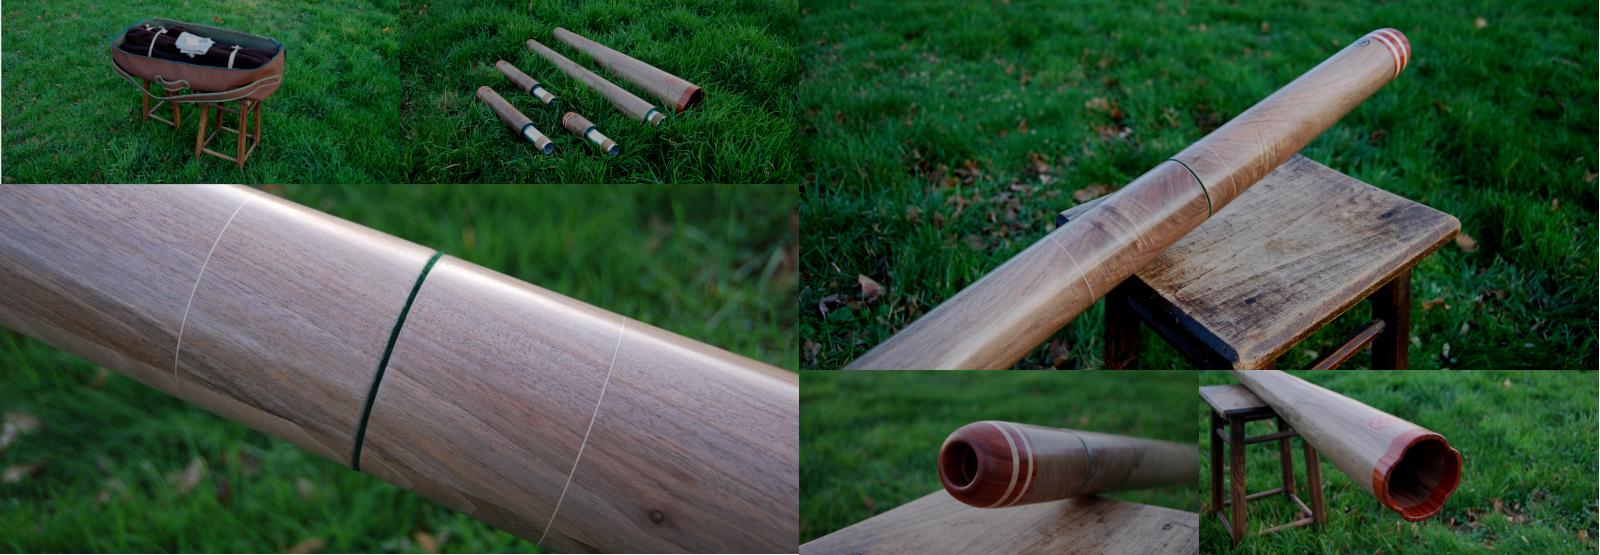 Pivert Didgeridoos_114_TnT